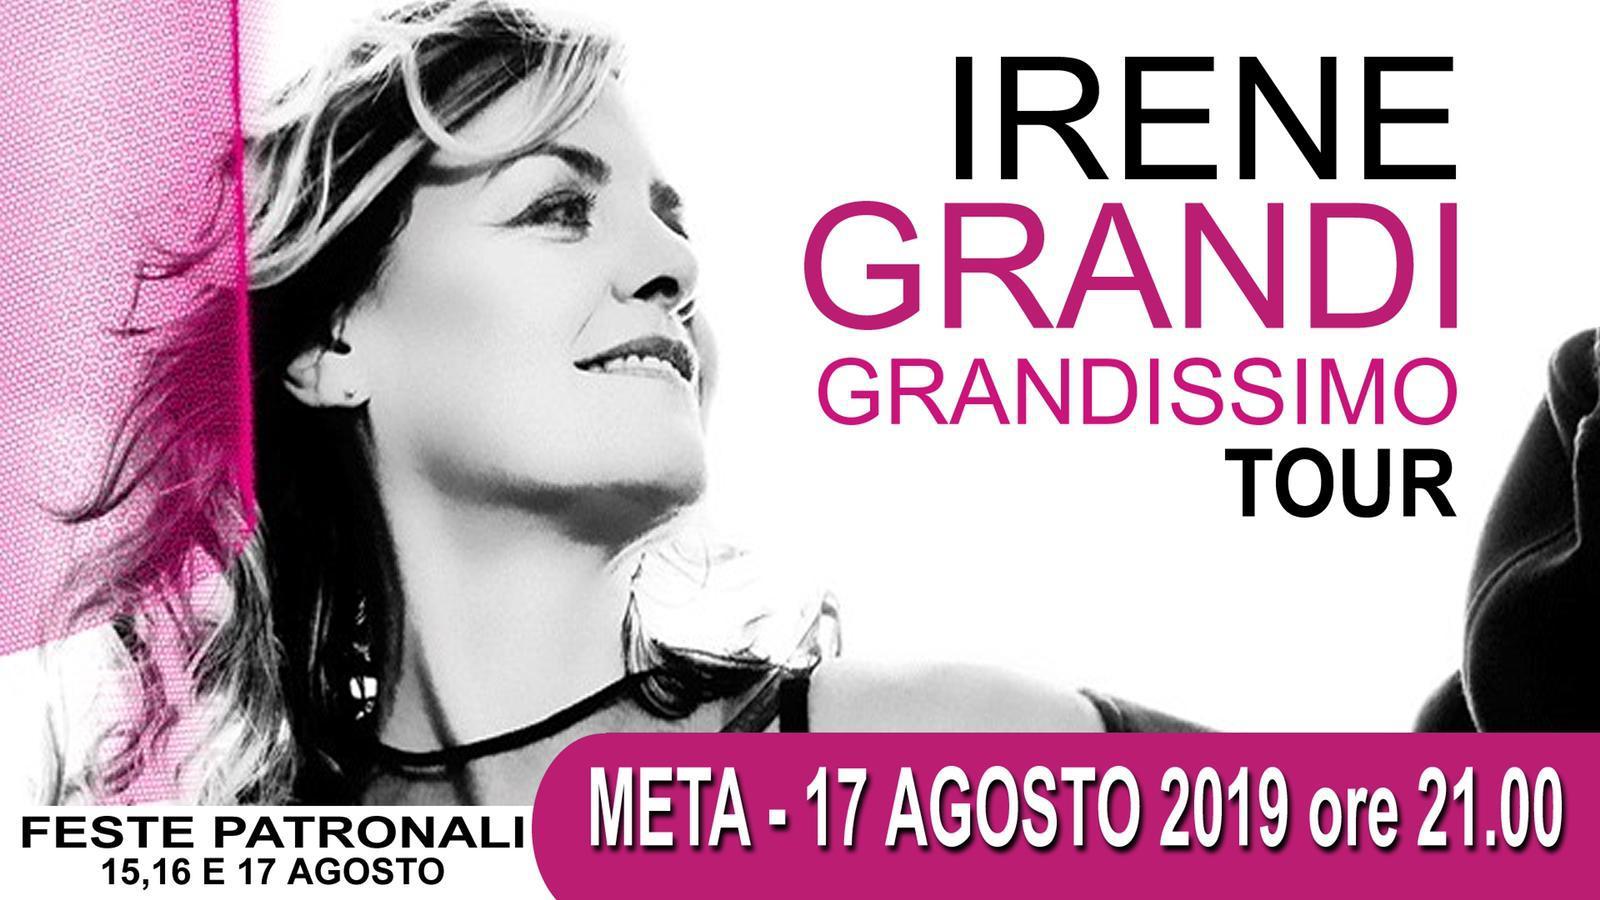 Concerto di Irene Grandi a Meta